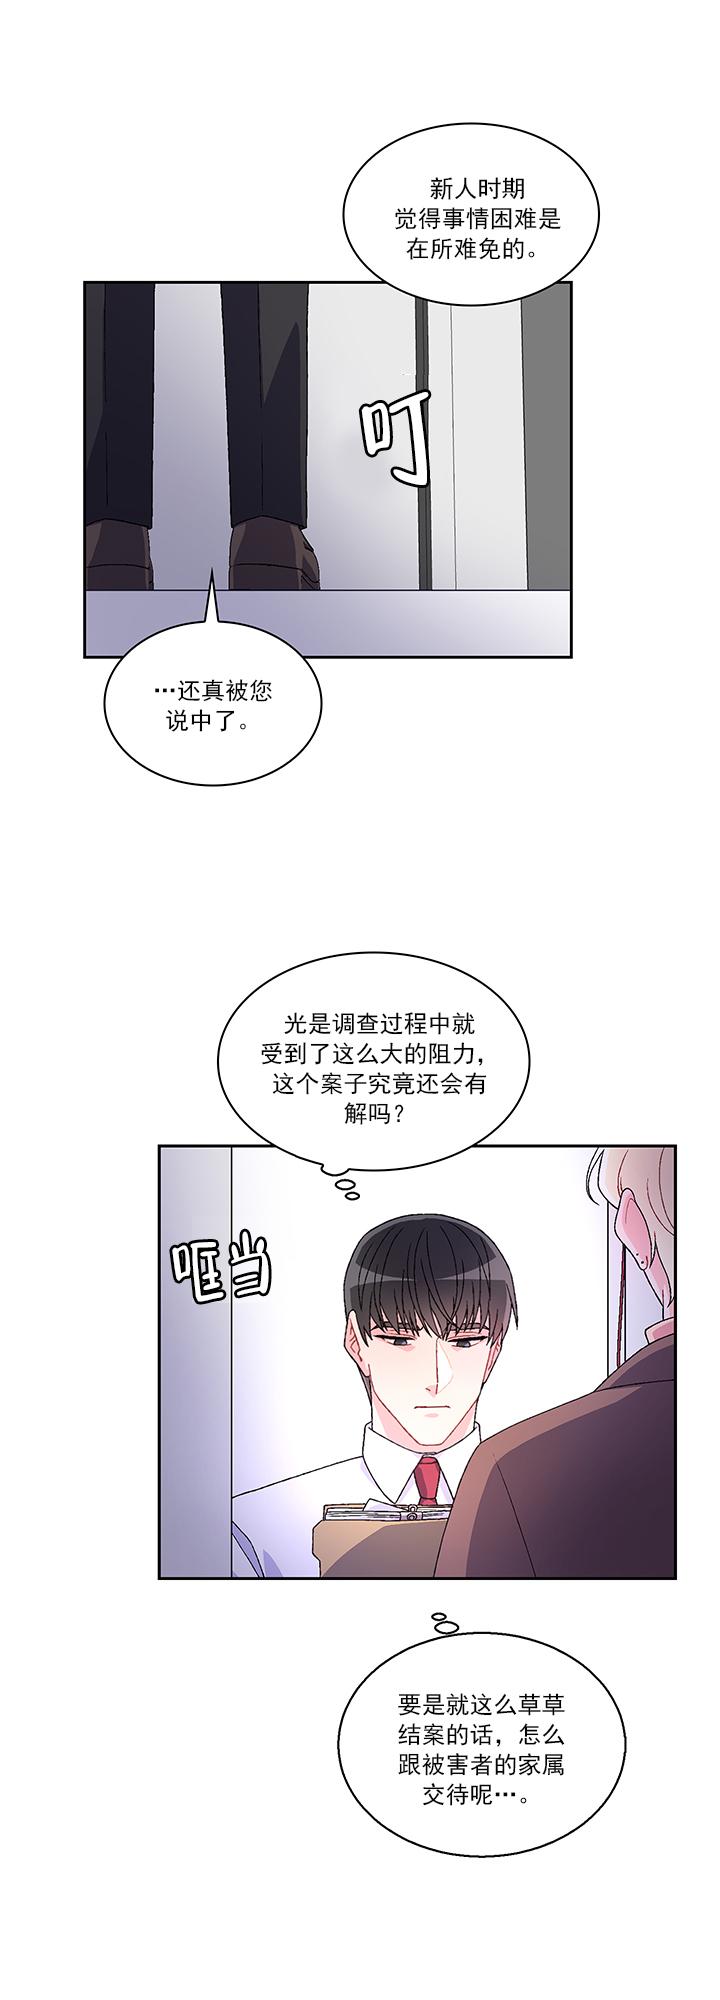 韩漫 | 《亚瑟》美人攻x刑警受  第12张